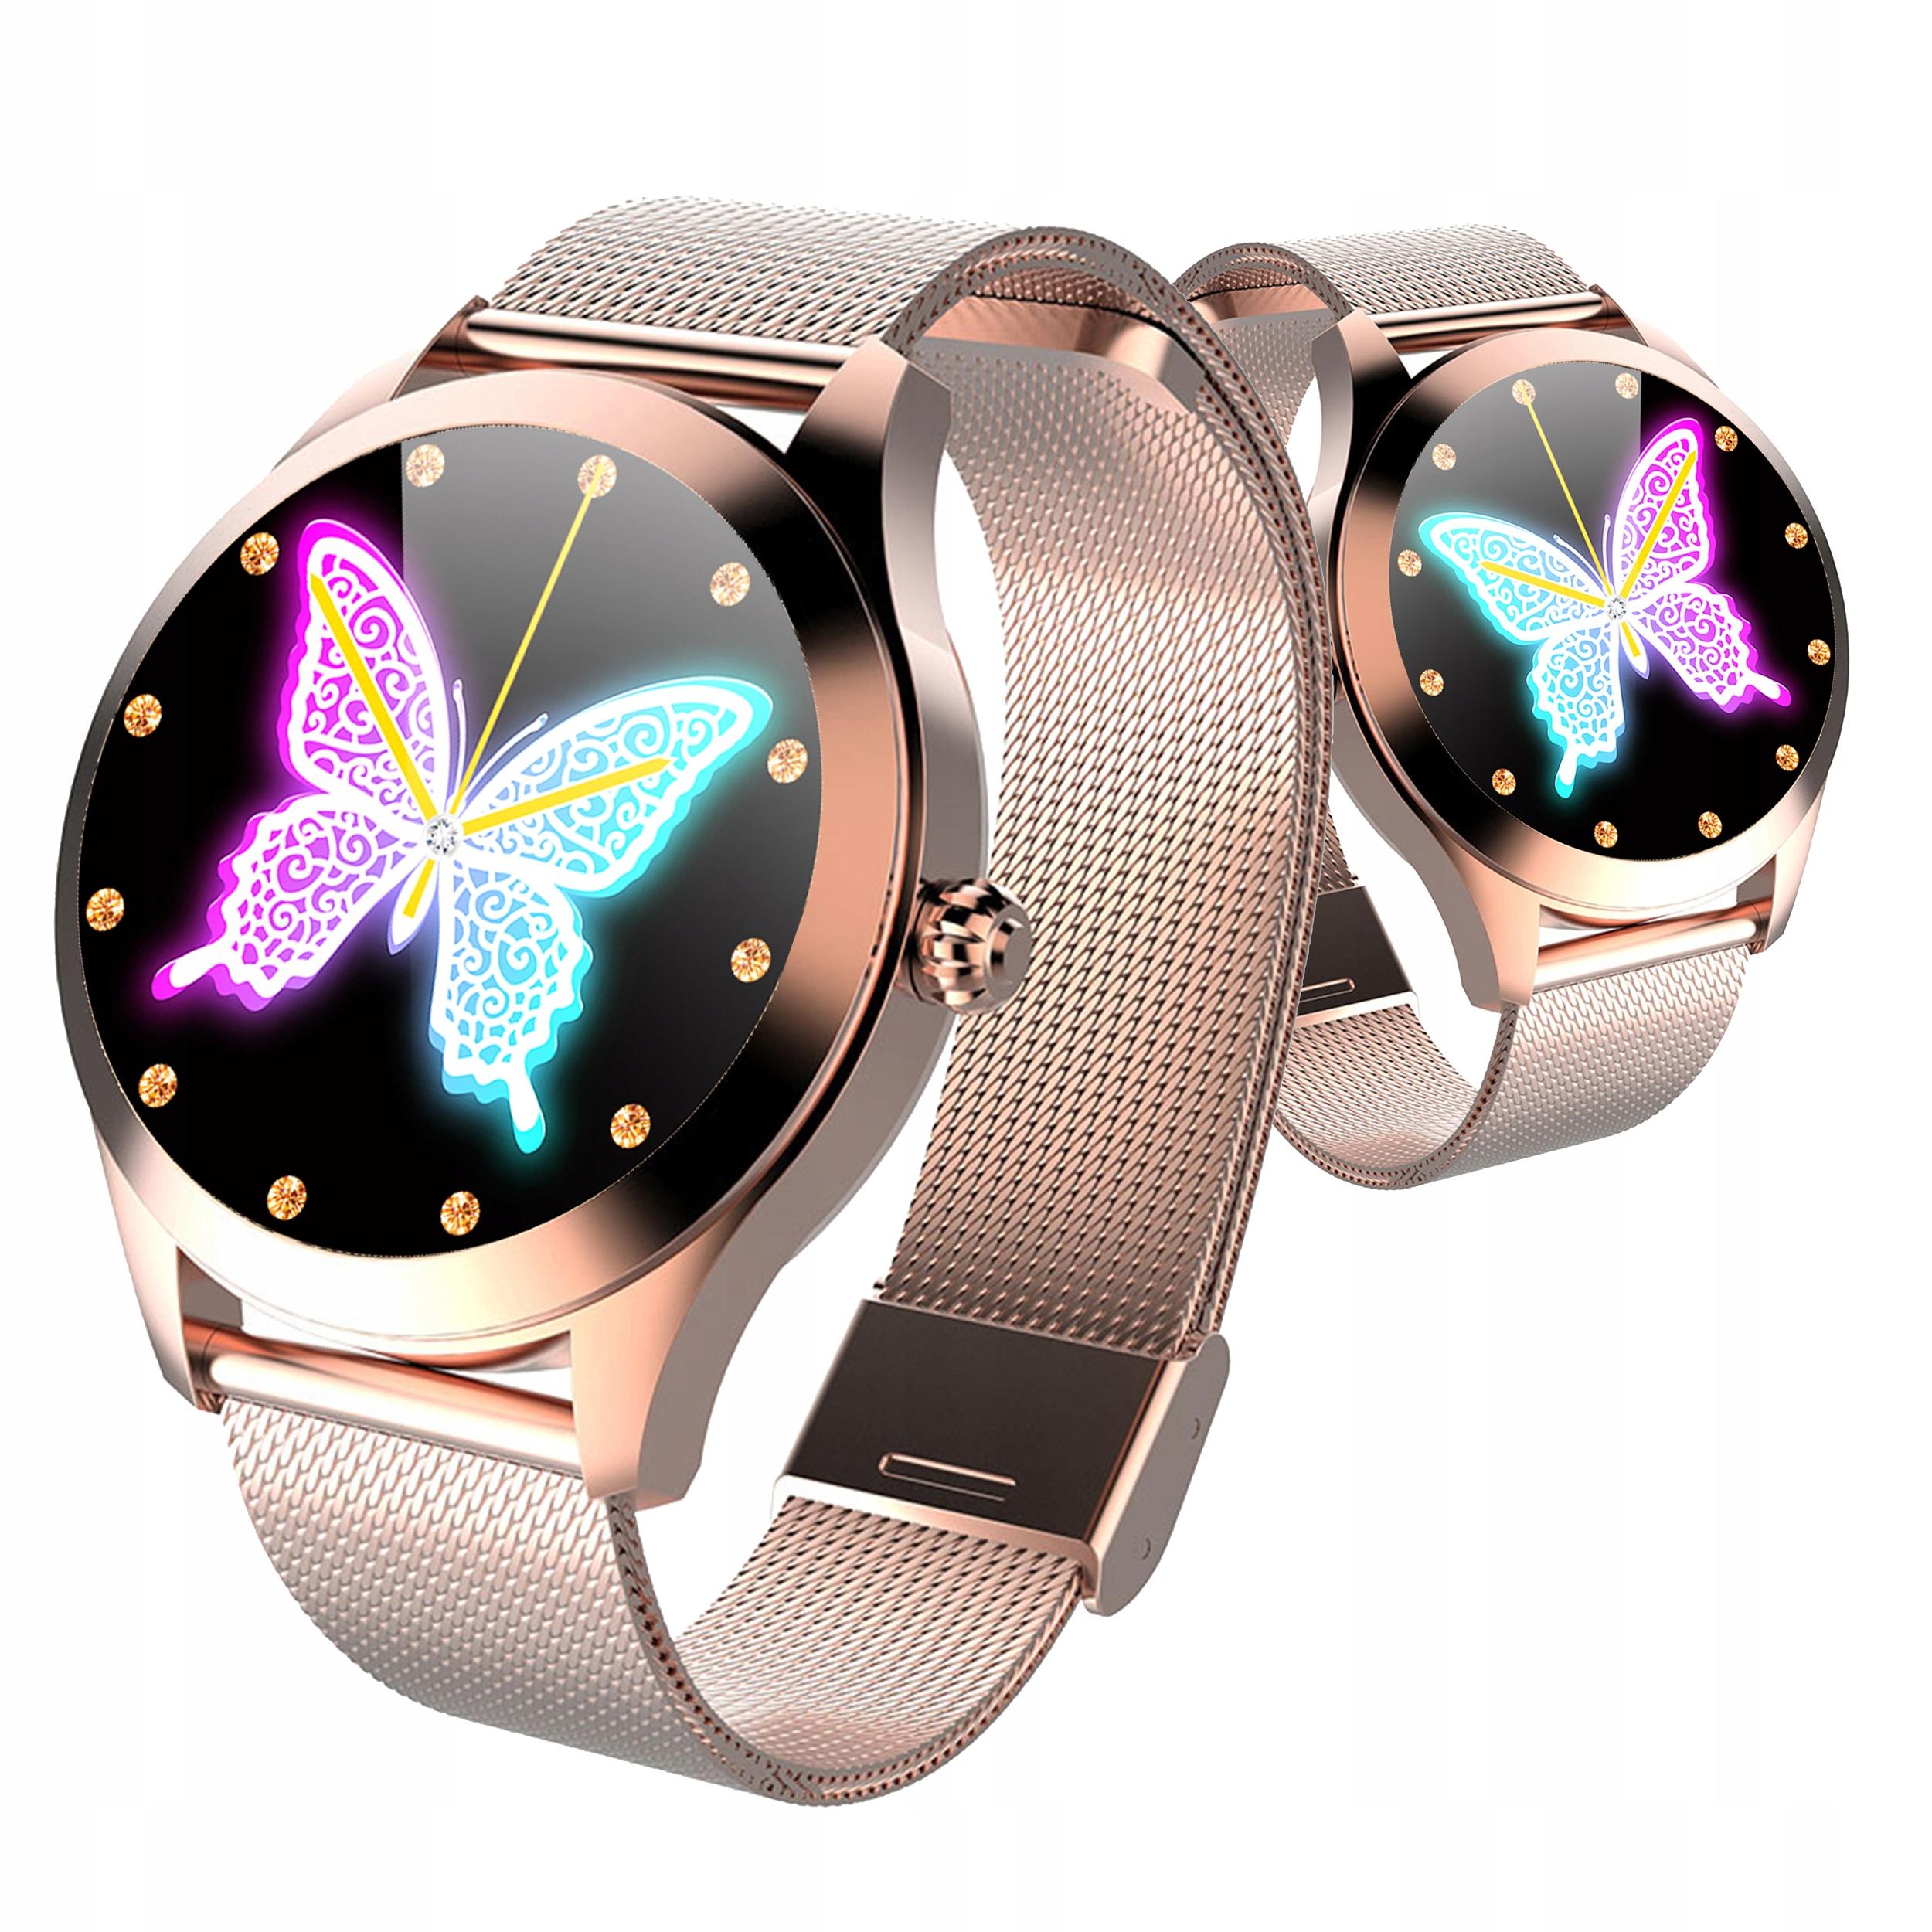 Женские умные часы KW10 OLED DESIGN шаги импульсный цикл